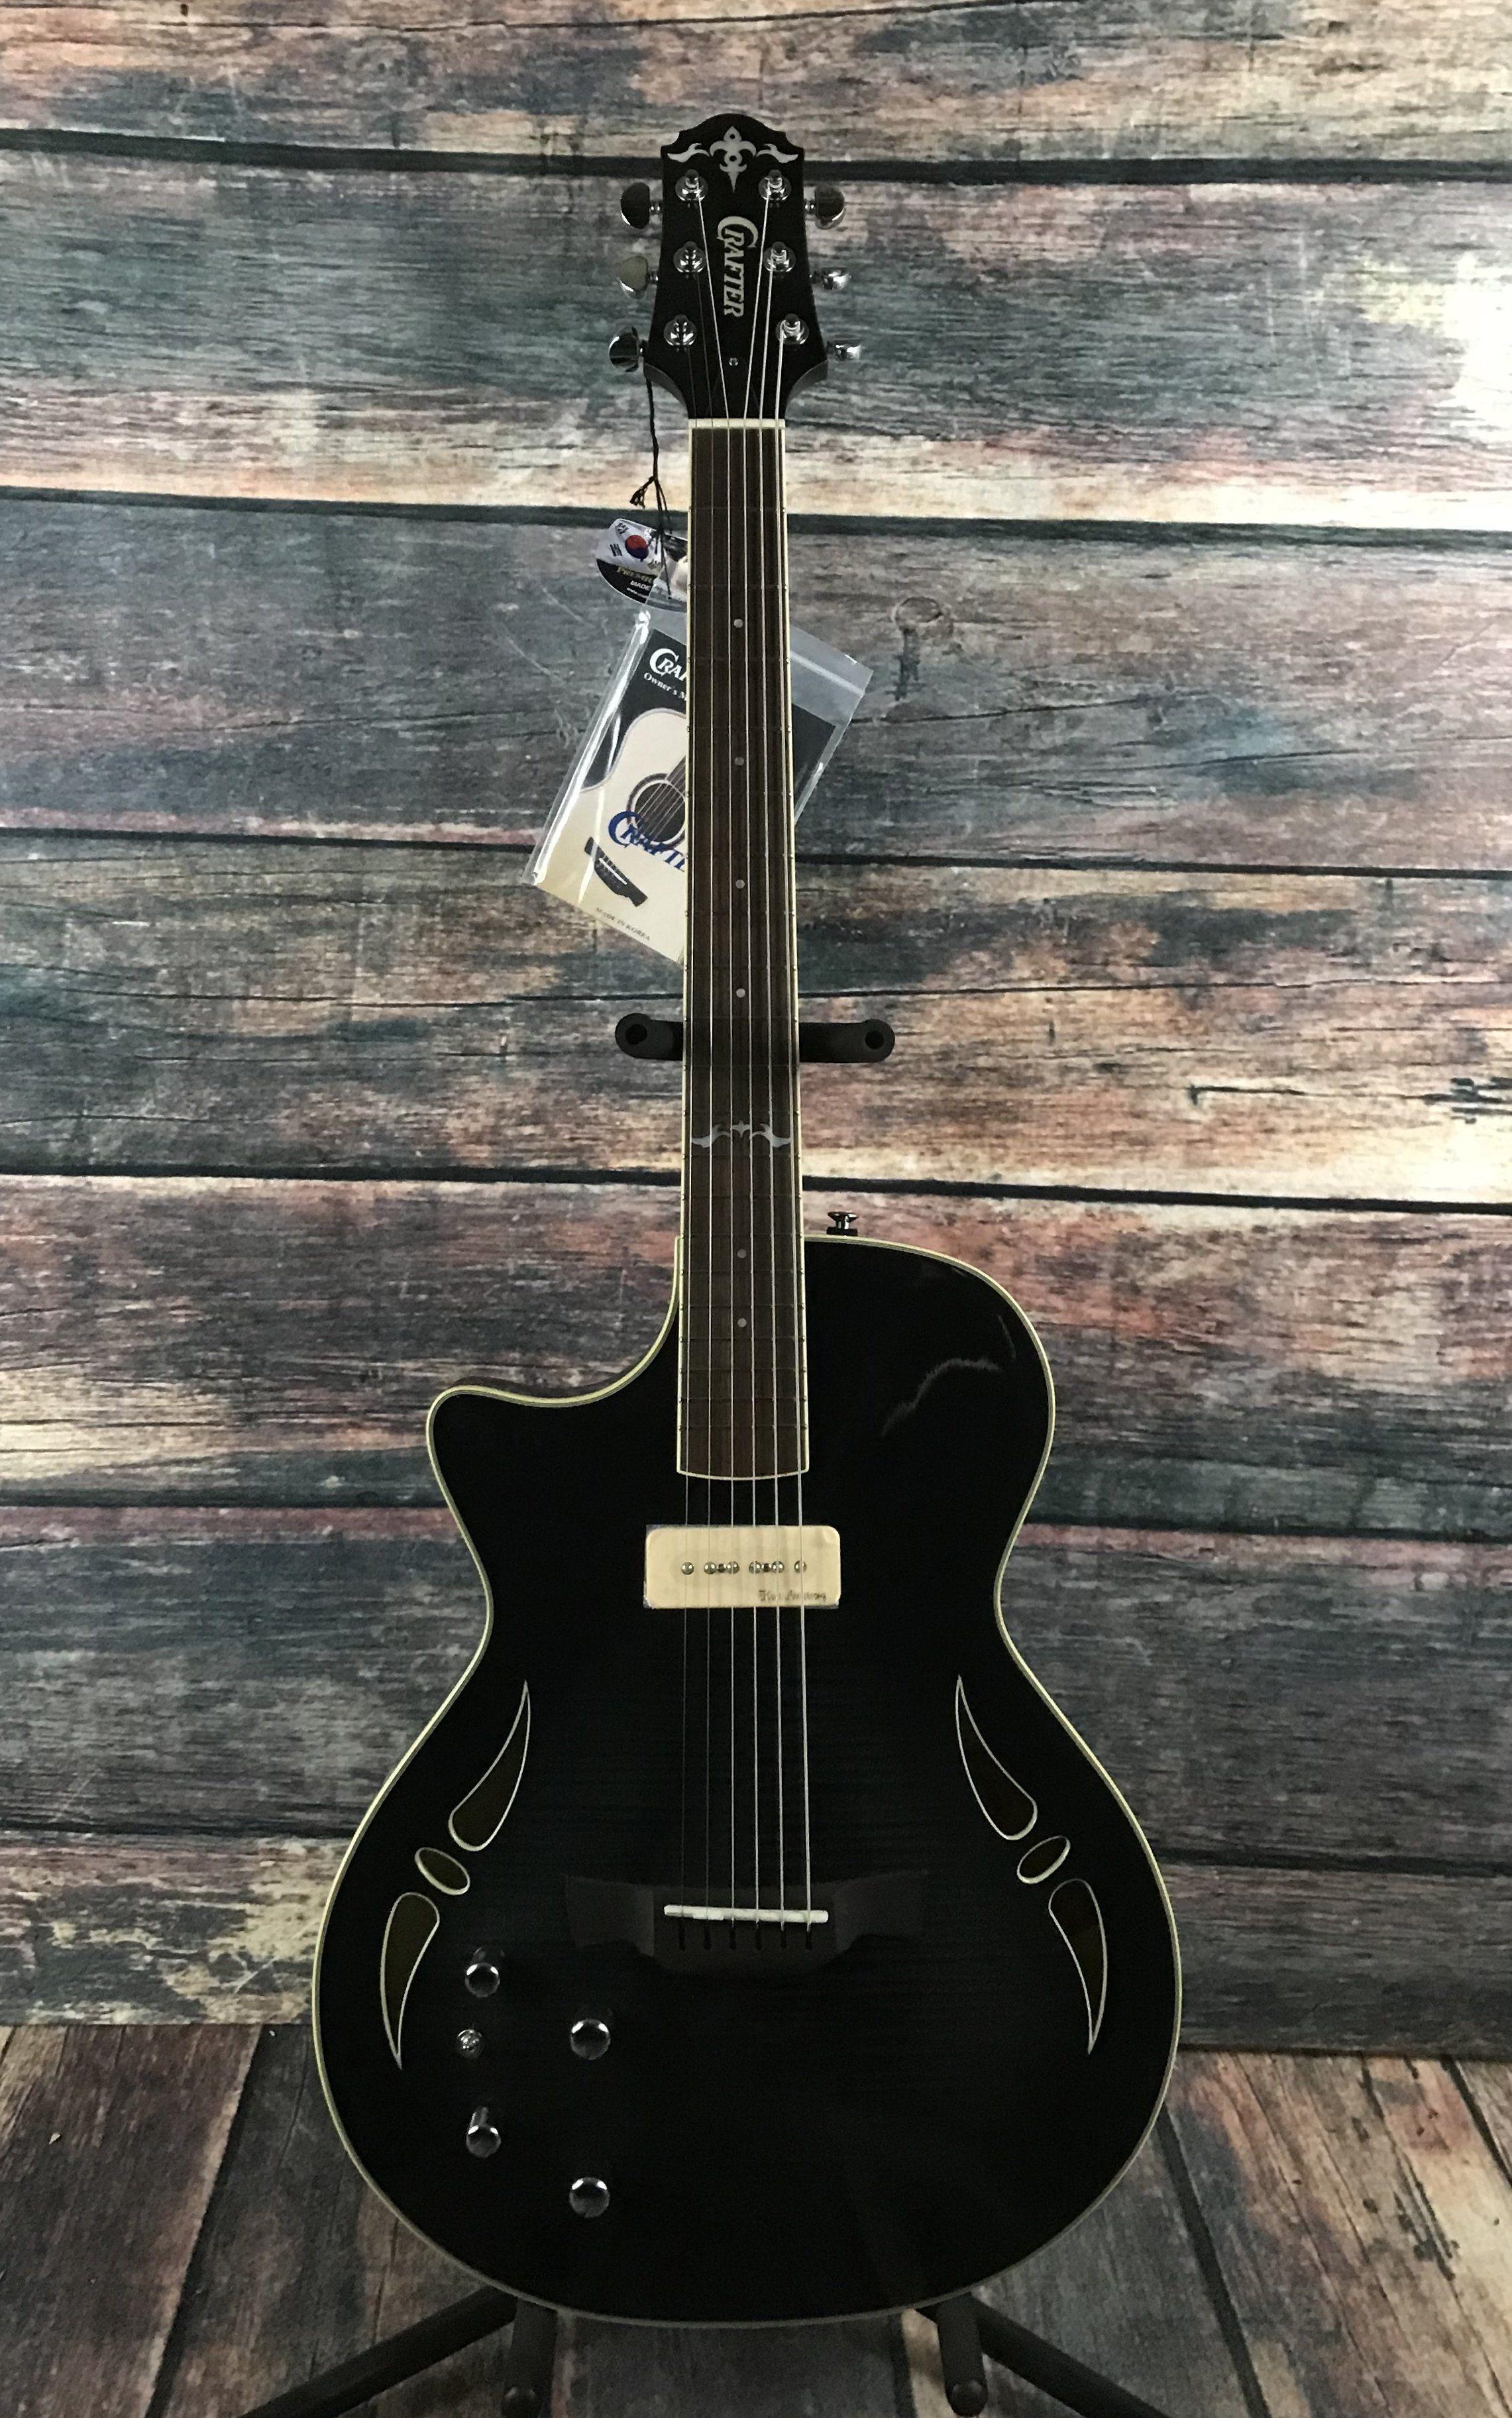 Crafter Left Handed SAT Hybrid Electric Acoustic Guitar Trans Black